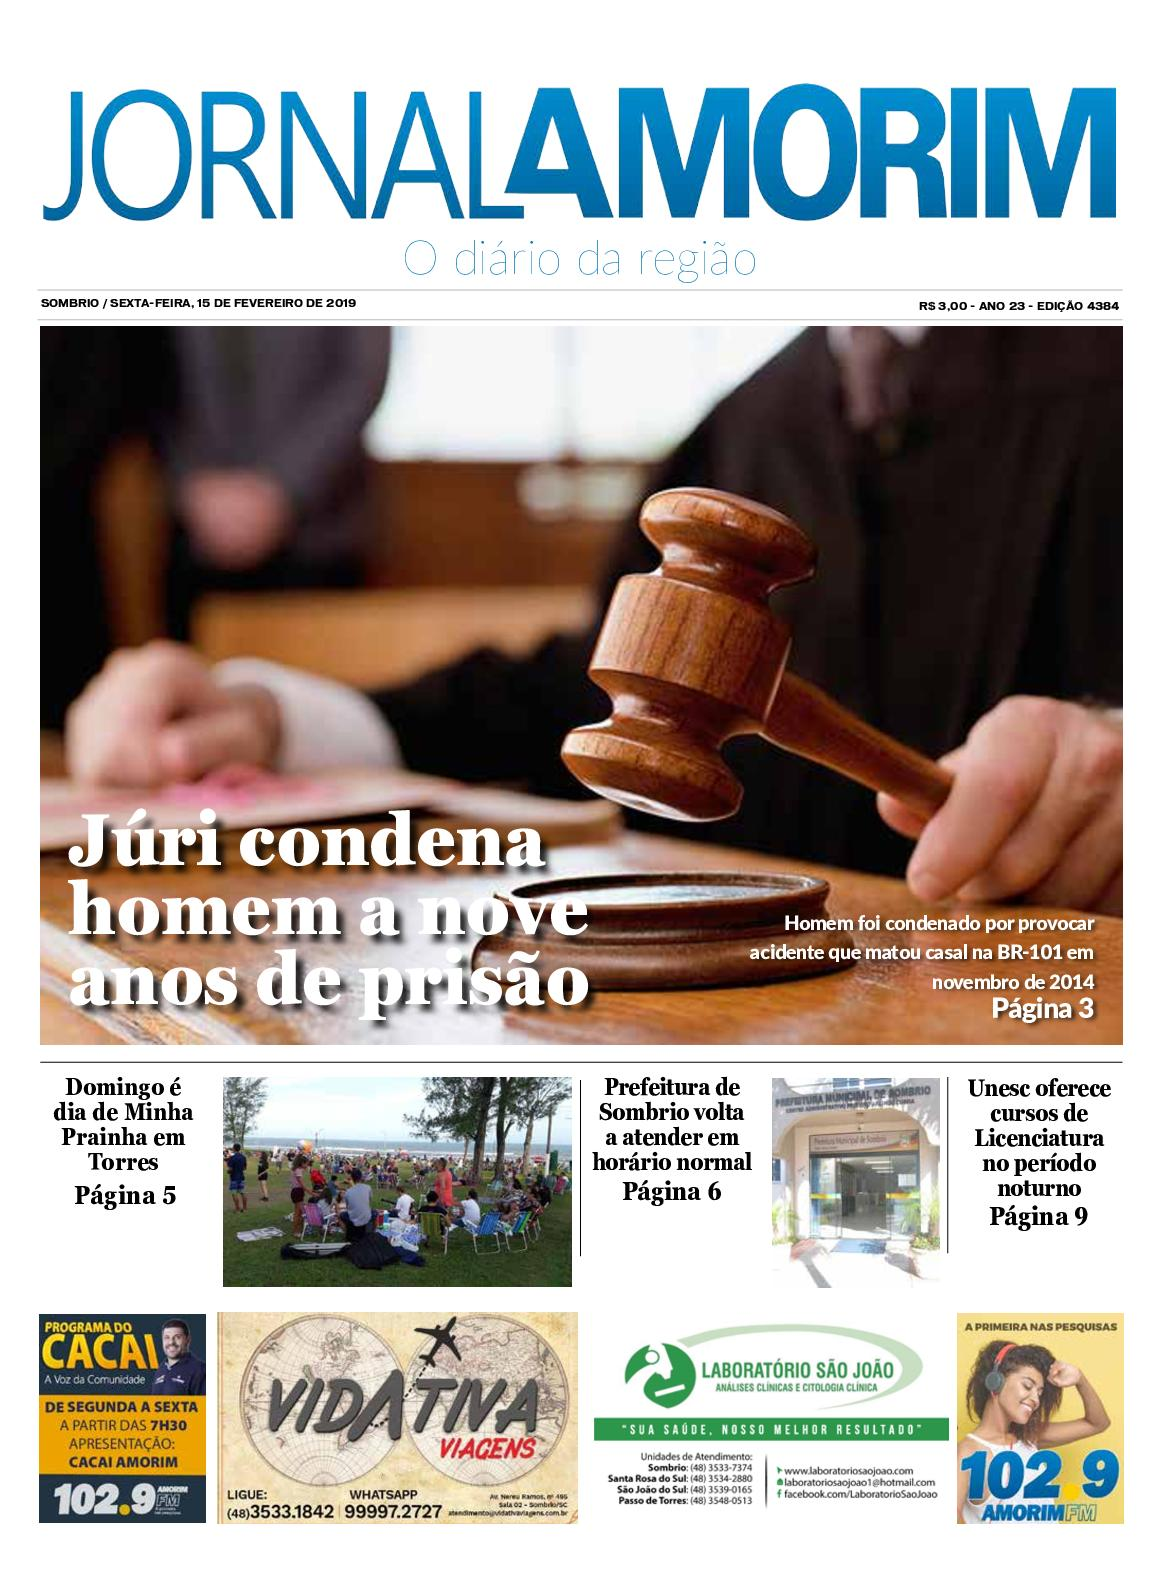 Jornal Amorim 15-02-2019